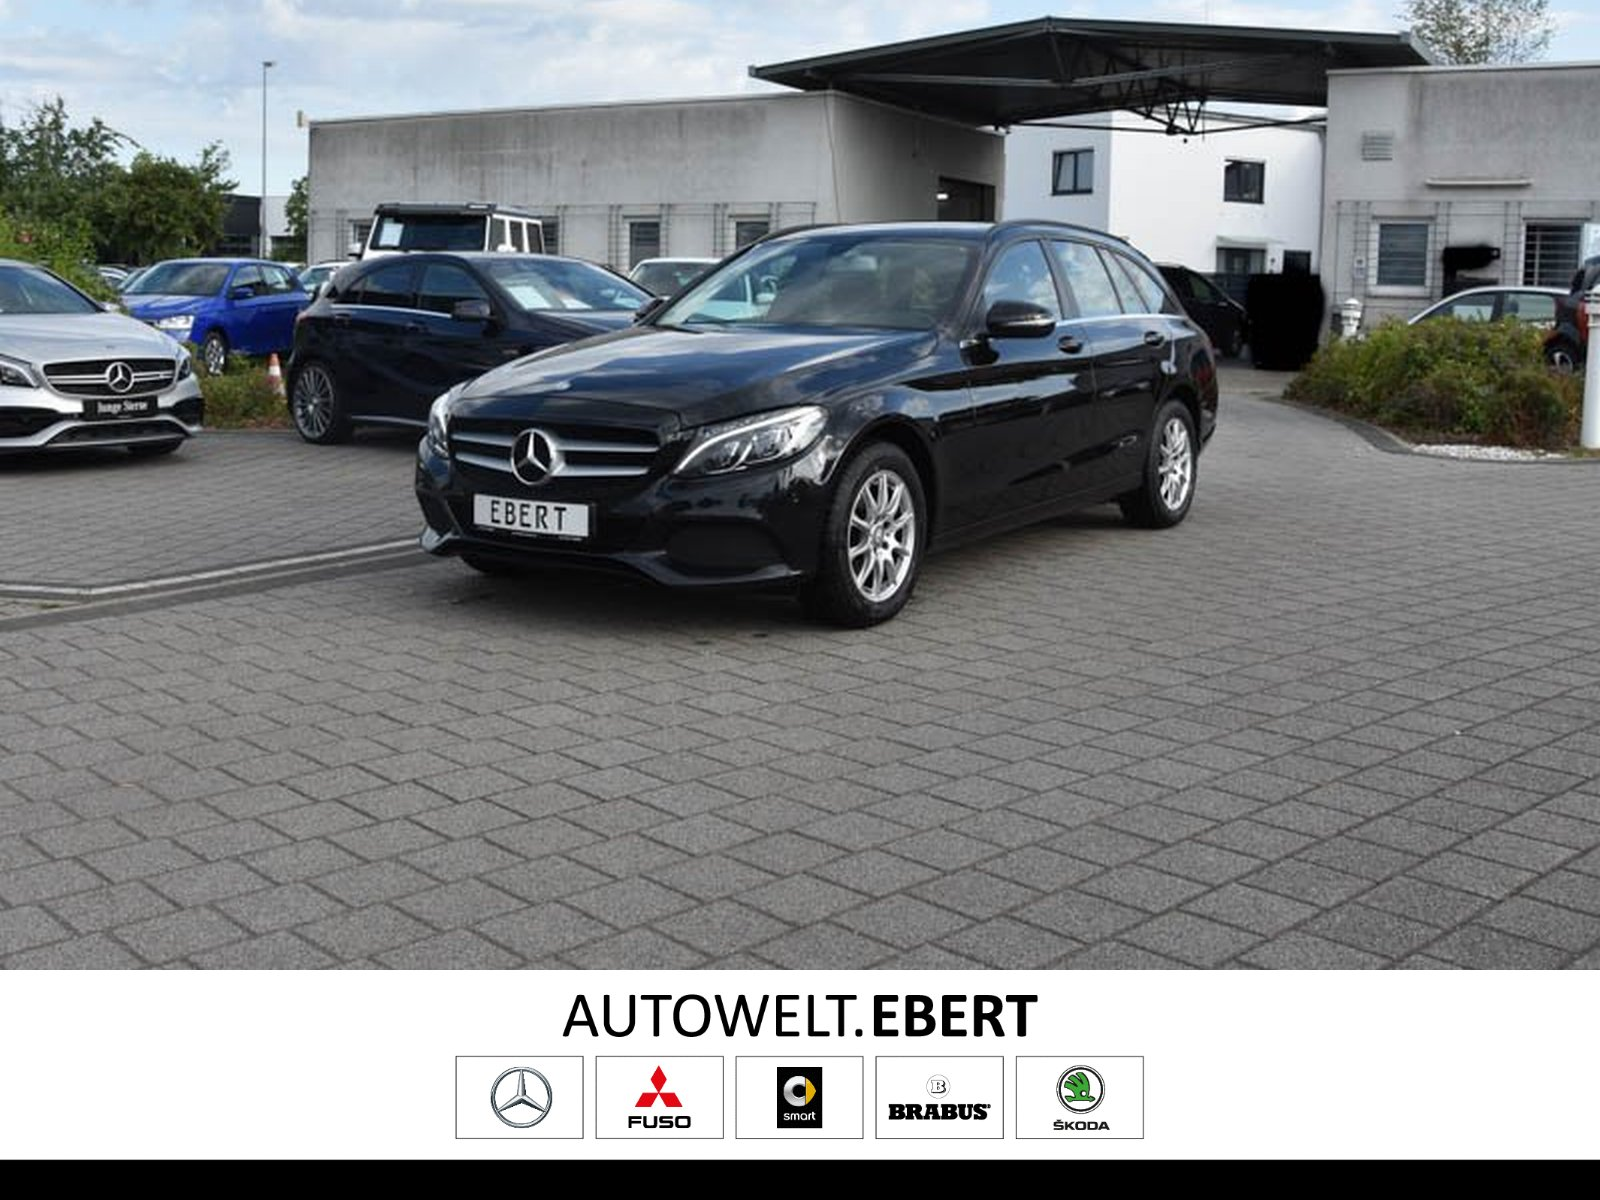 Mercedes-Benz C 200 d T NAVI+LED ILS+PARK-ASSISTENT+EU6, Jahr 2015, Diesel